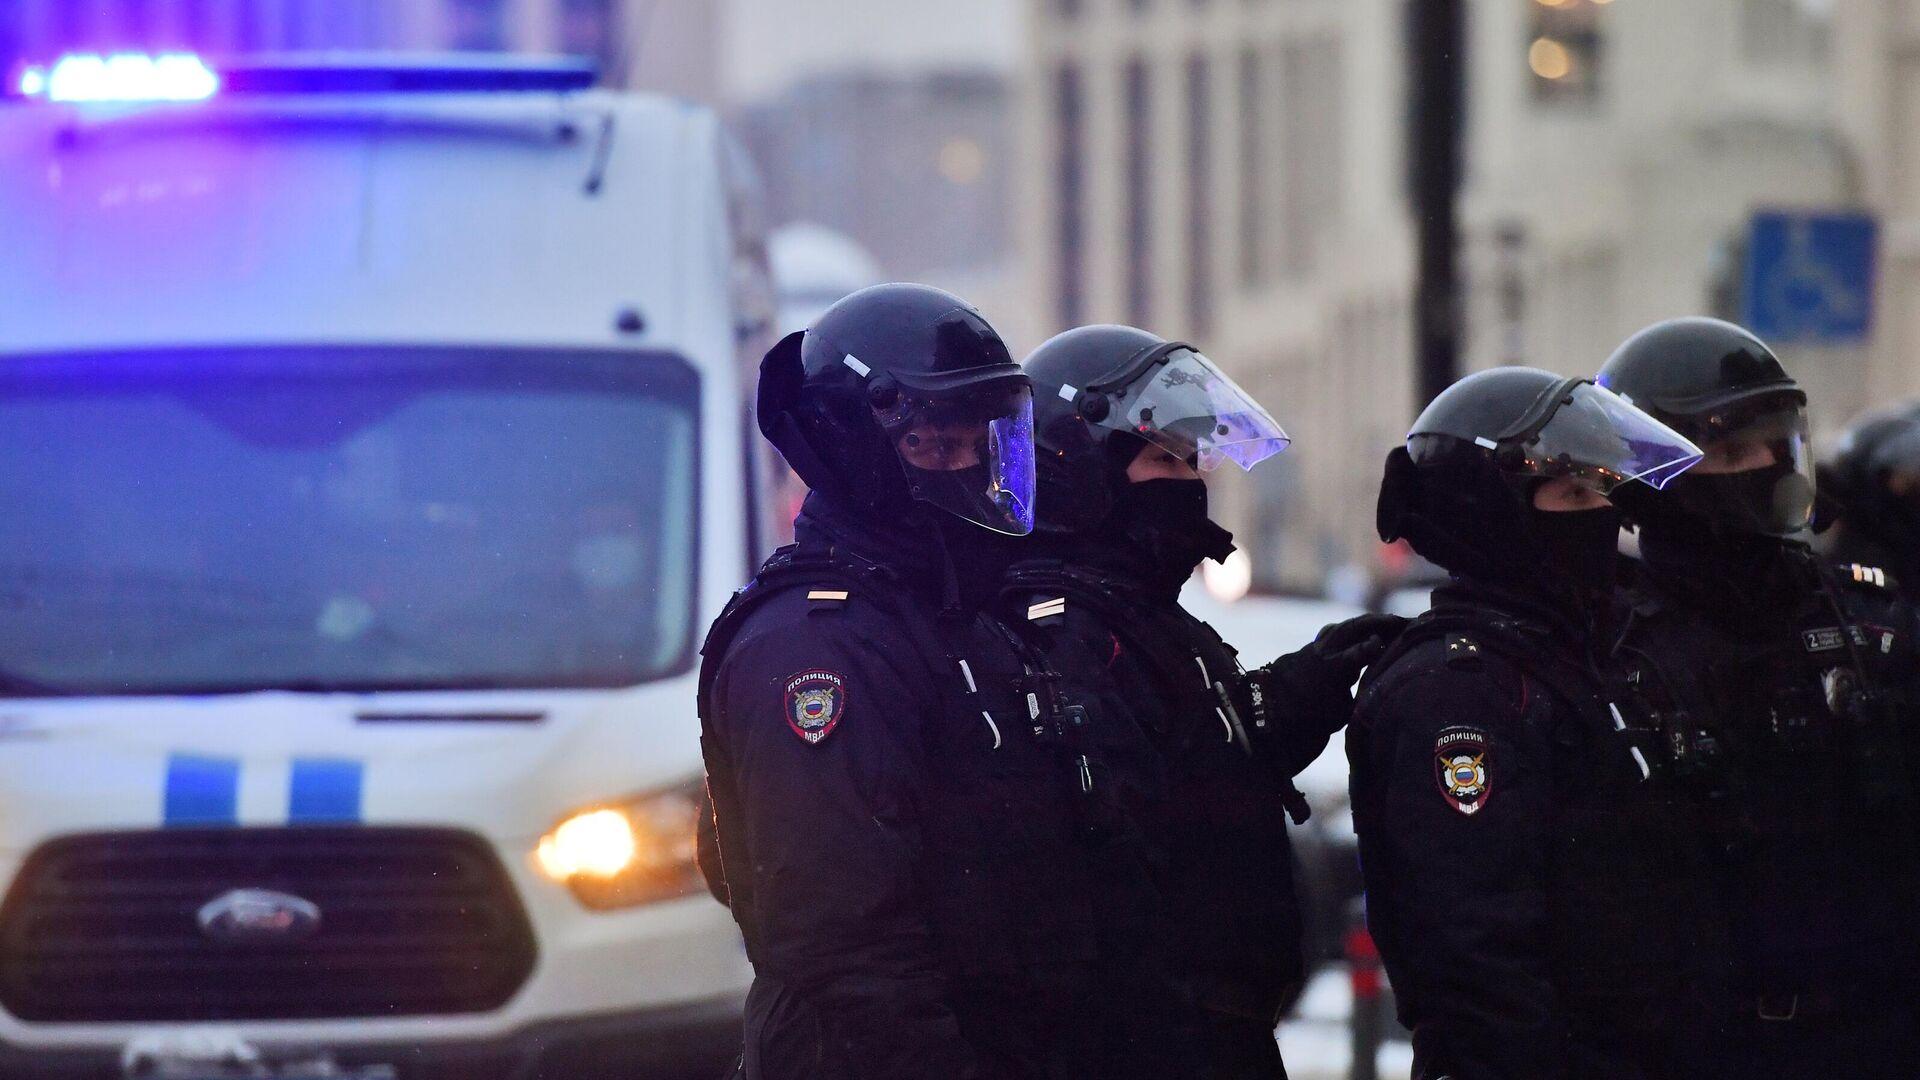 Сотрудники правоохранительных органов во время несанкционированной акции в Москве - РИА Новости, 1920, 10.02.2021